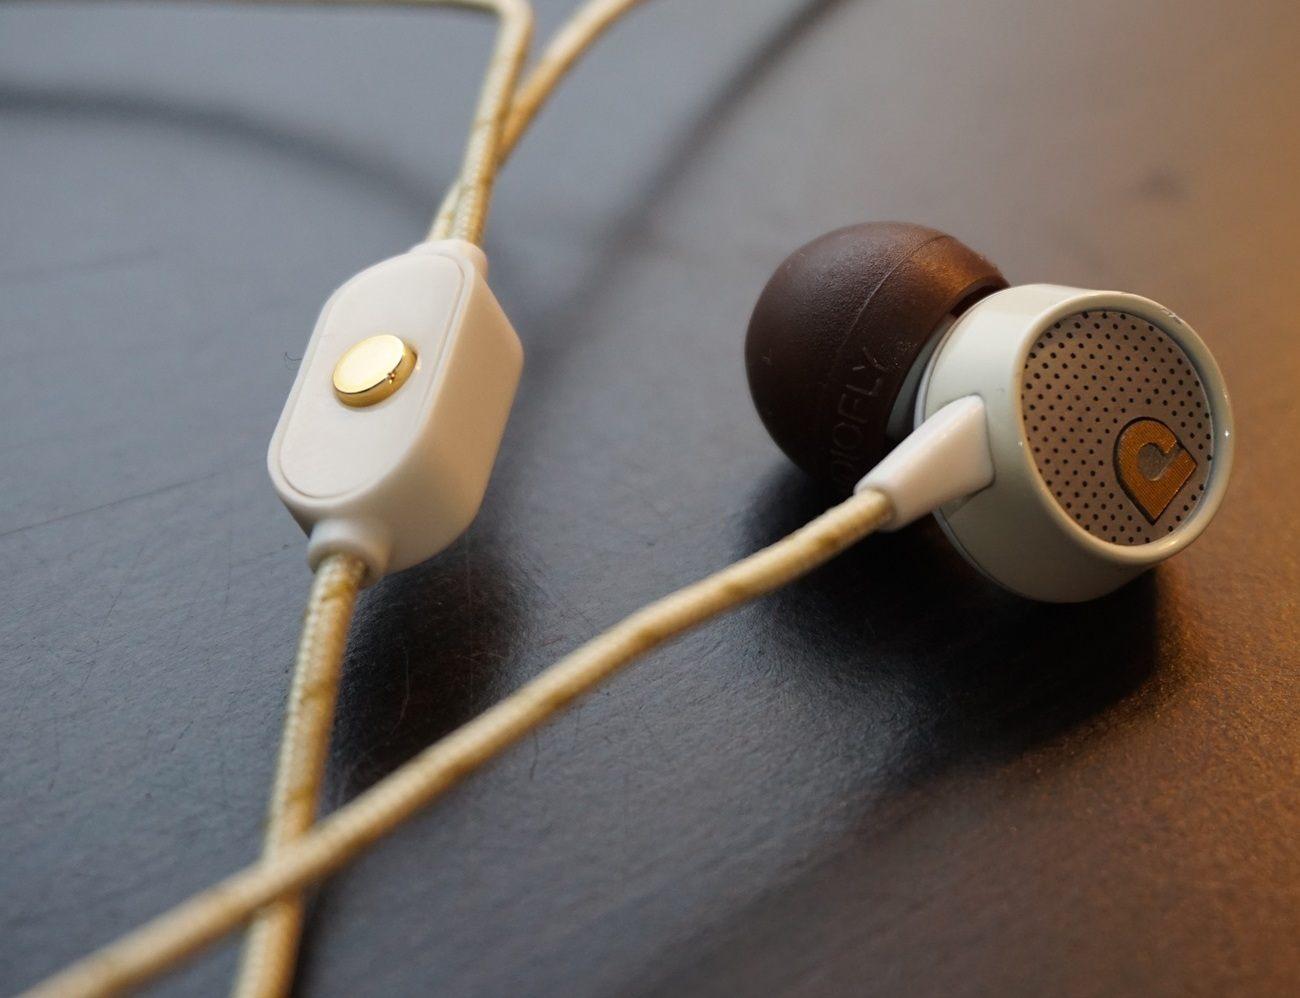 Audiofly AF56 In-Ear Headphones